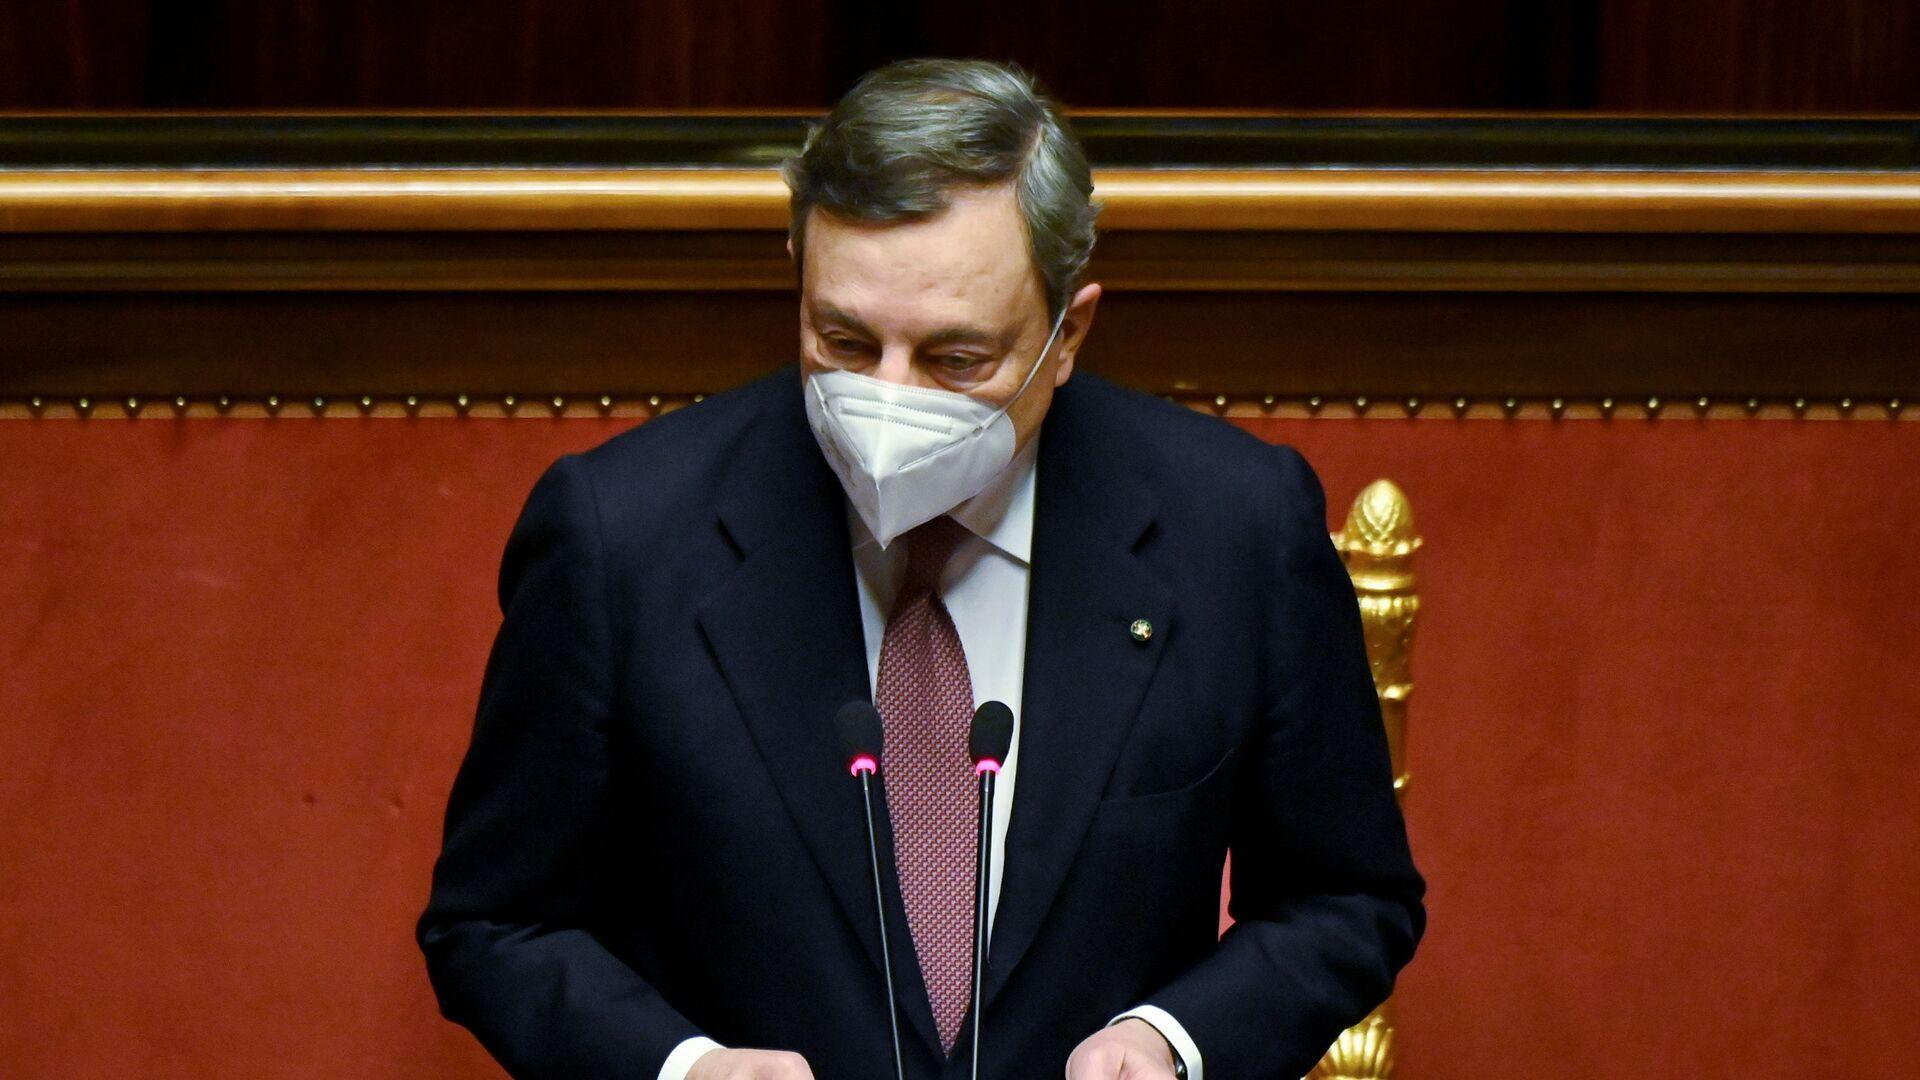 Il presidente del Consiglio Mario Draghi al Senato - Sputnik Italia, 1920, 22.03.2021